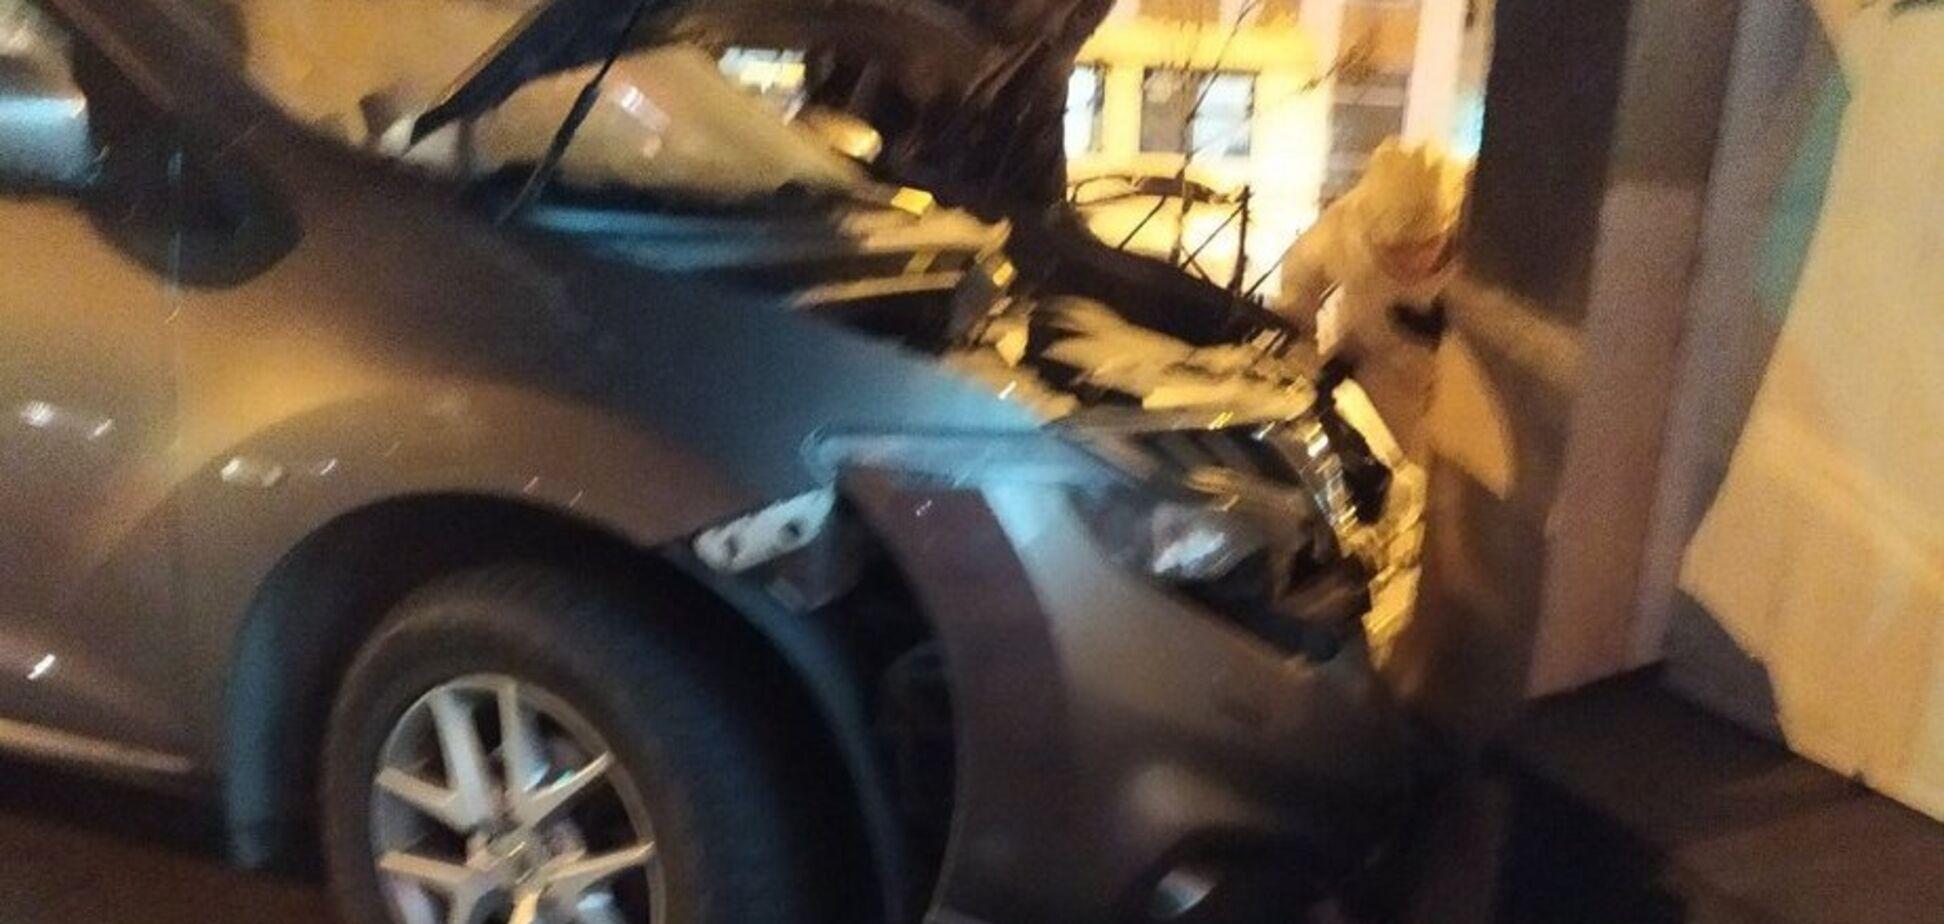 ''ДТП с Зайцевой'' по-русски? В Тамбове авто влетело в толпу: одна жертва, 7 раненых